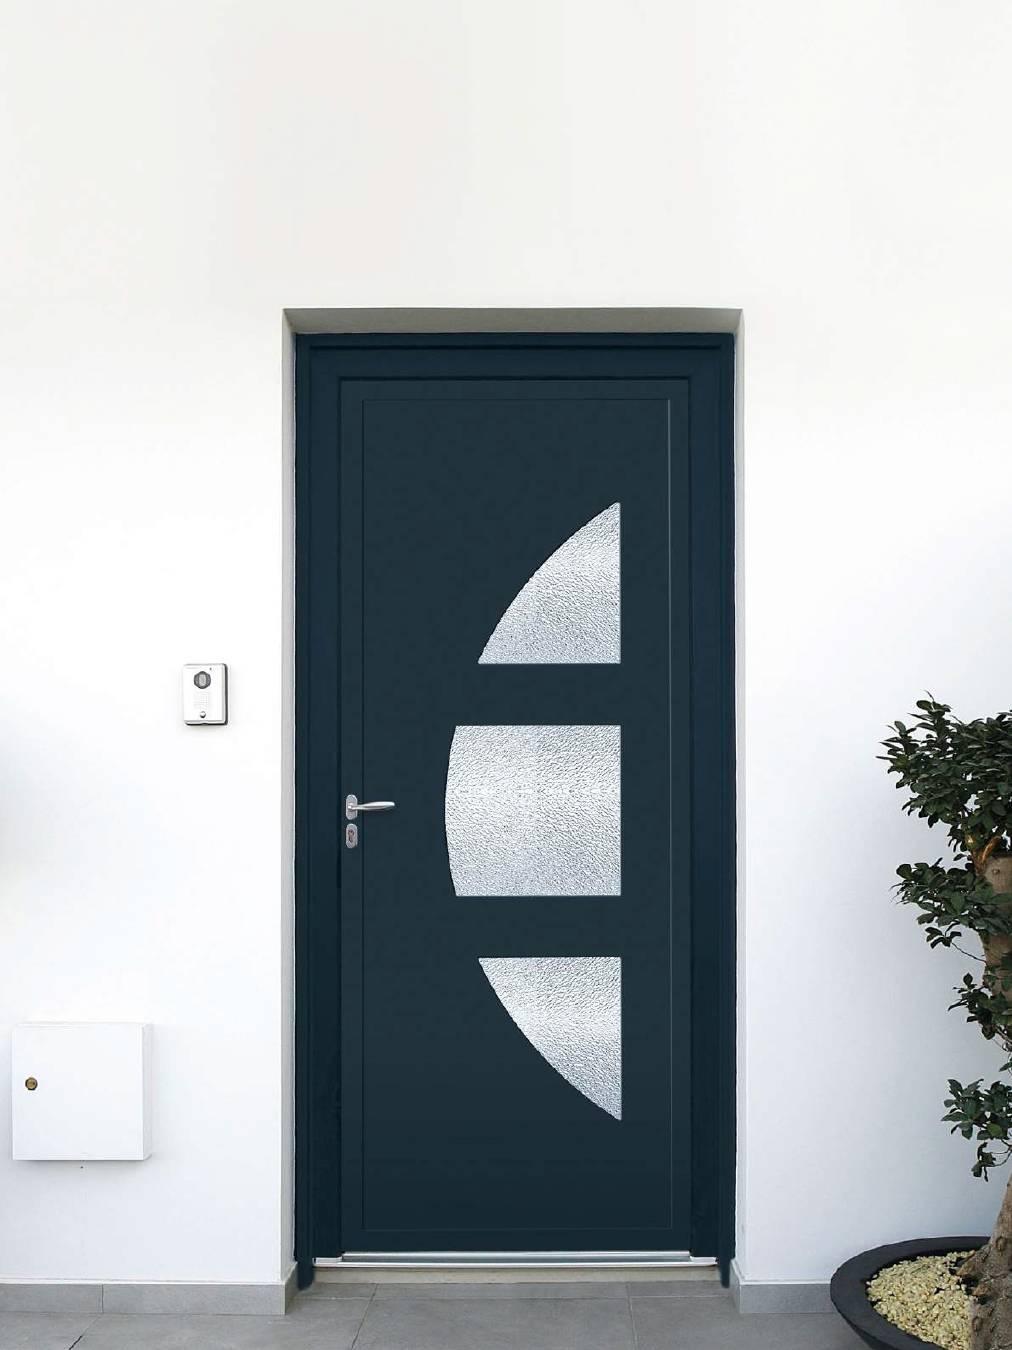 Pose de porte d entrée PVC à Toulouse - Menuiseries Doumenc 932e16f086a